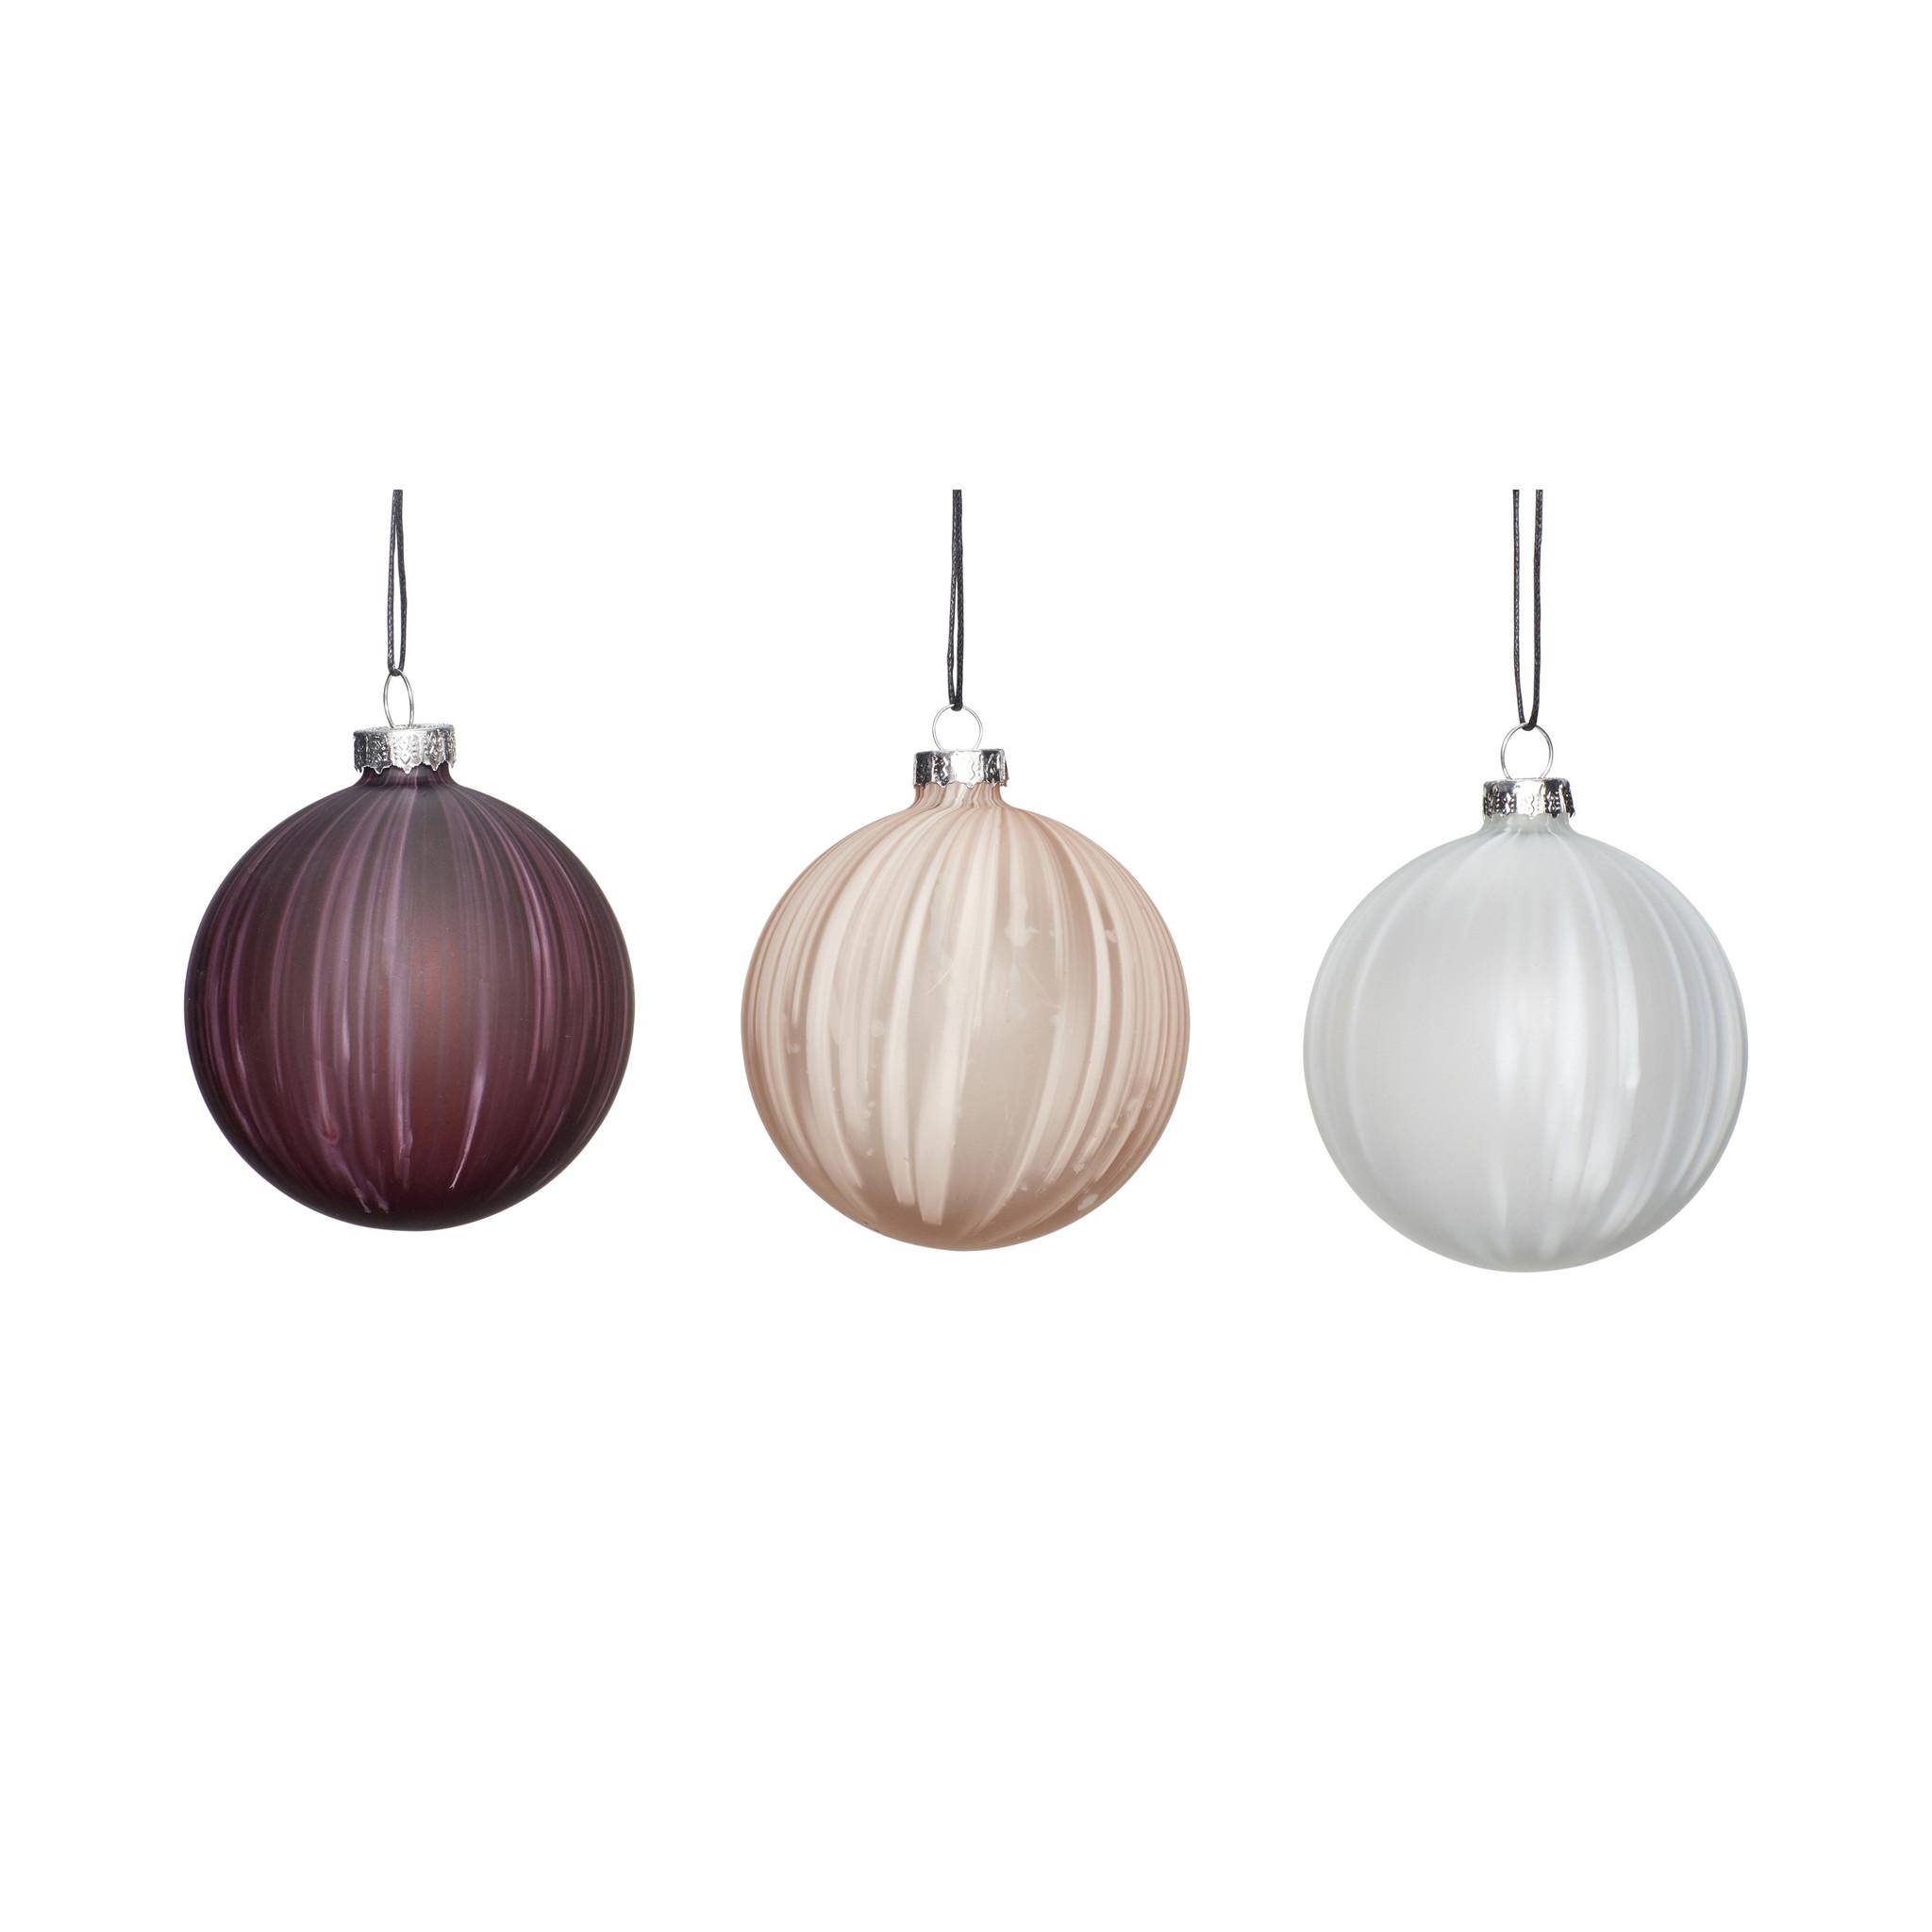 Hubsch Kerstbal, wit / beige / paars, set van 3-350709-5712772065921